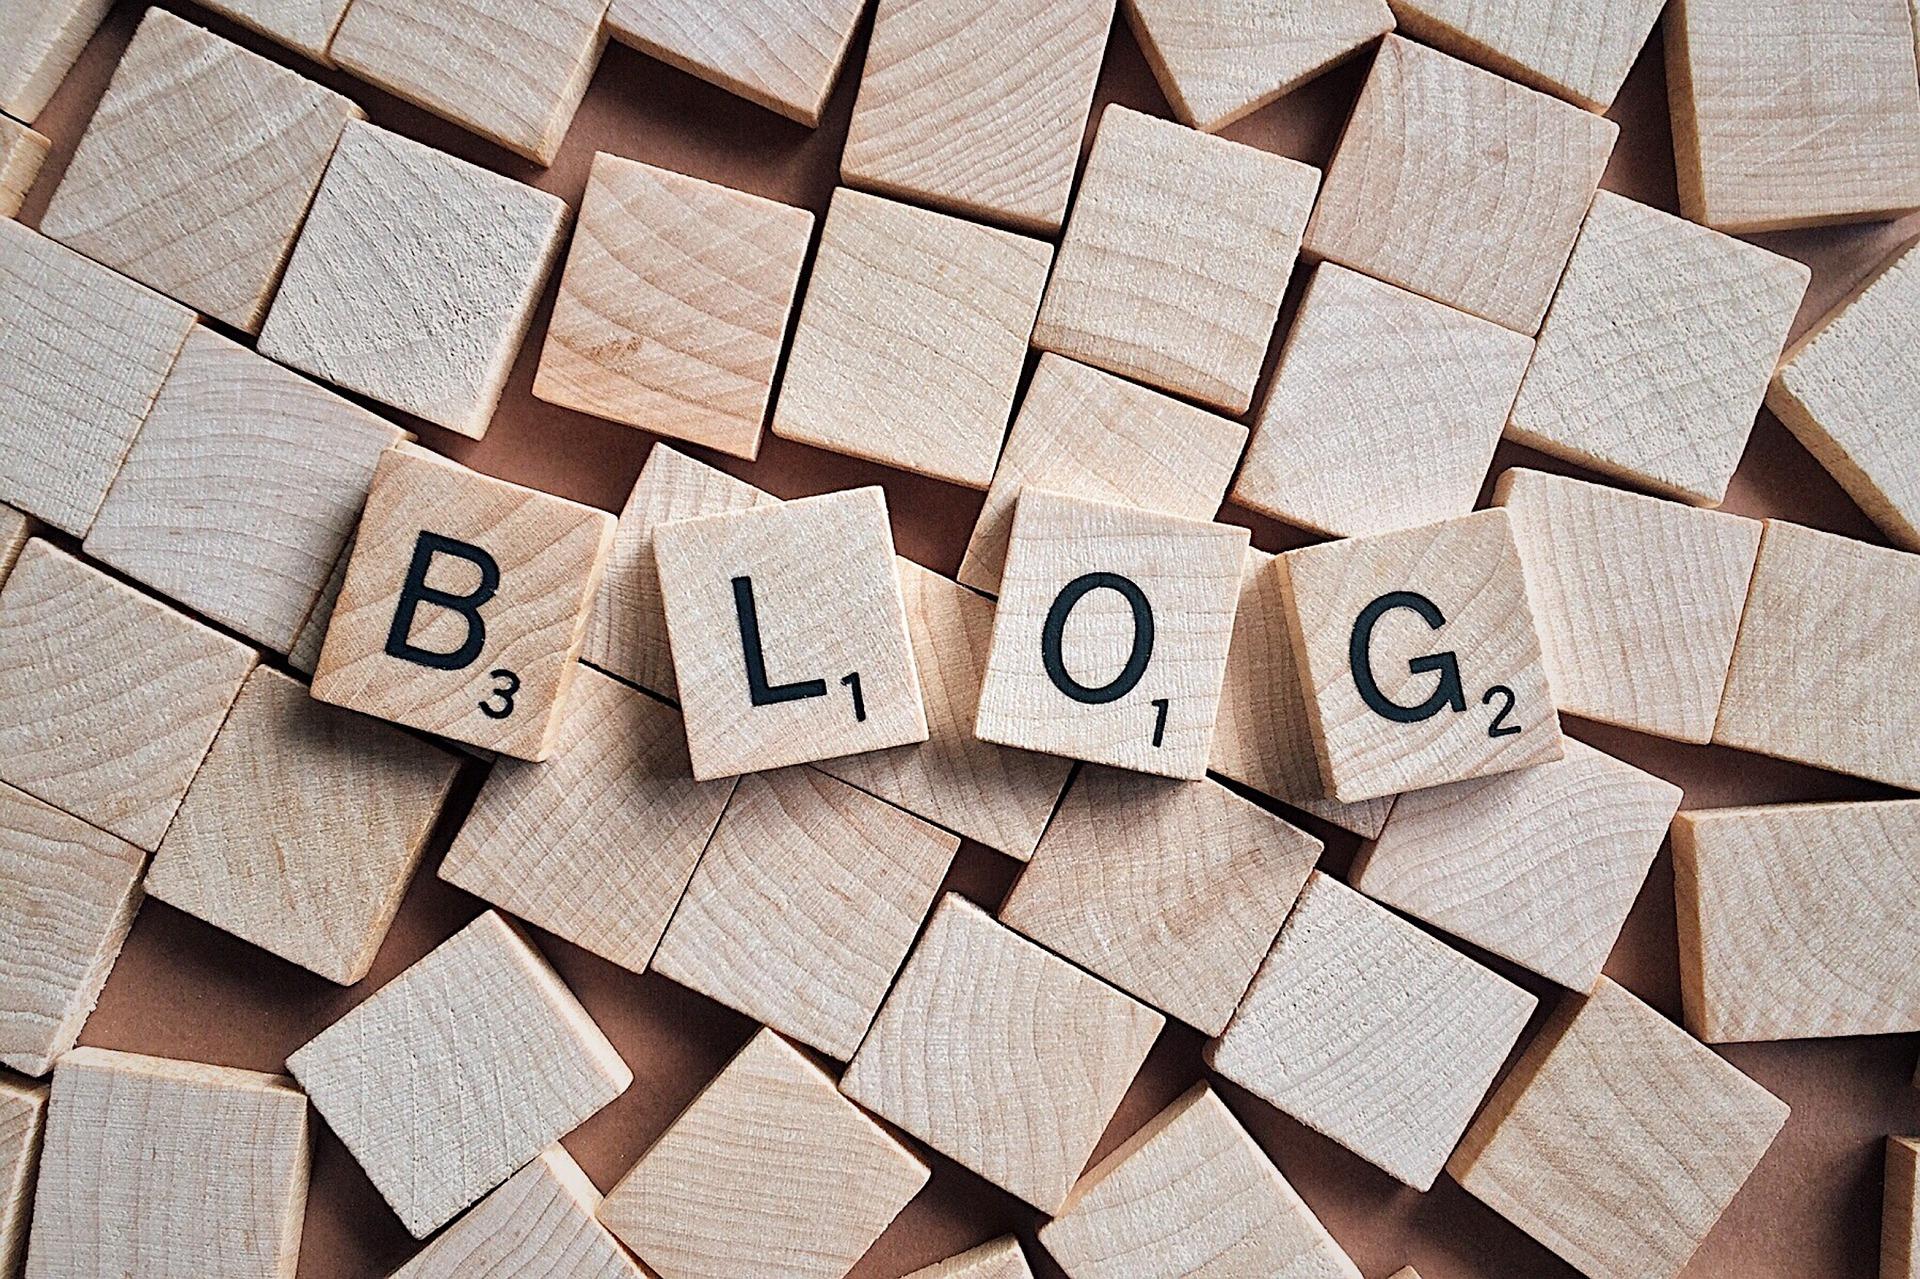 WordPressでのブログの作り方は?初心者が知識ゼロからブログを始める方法